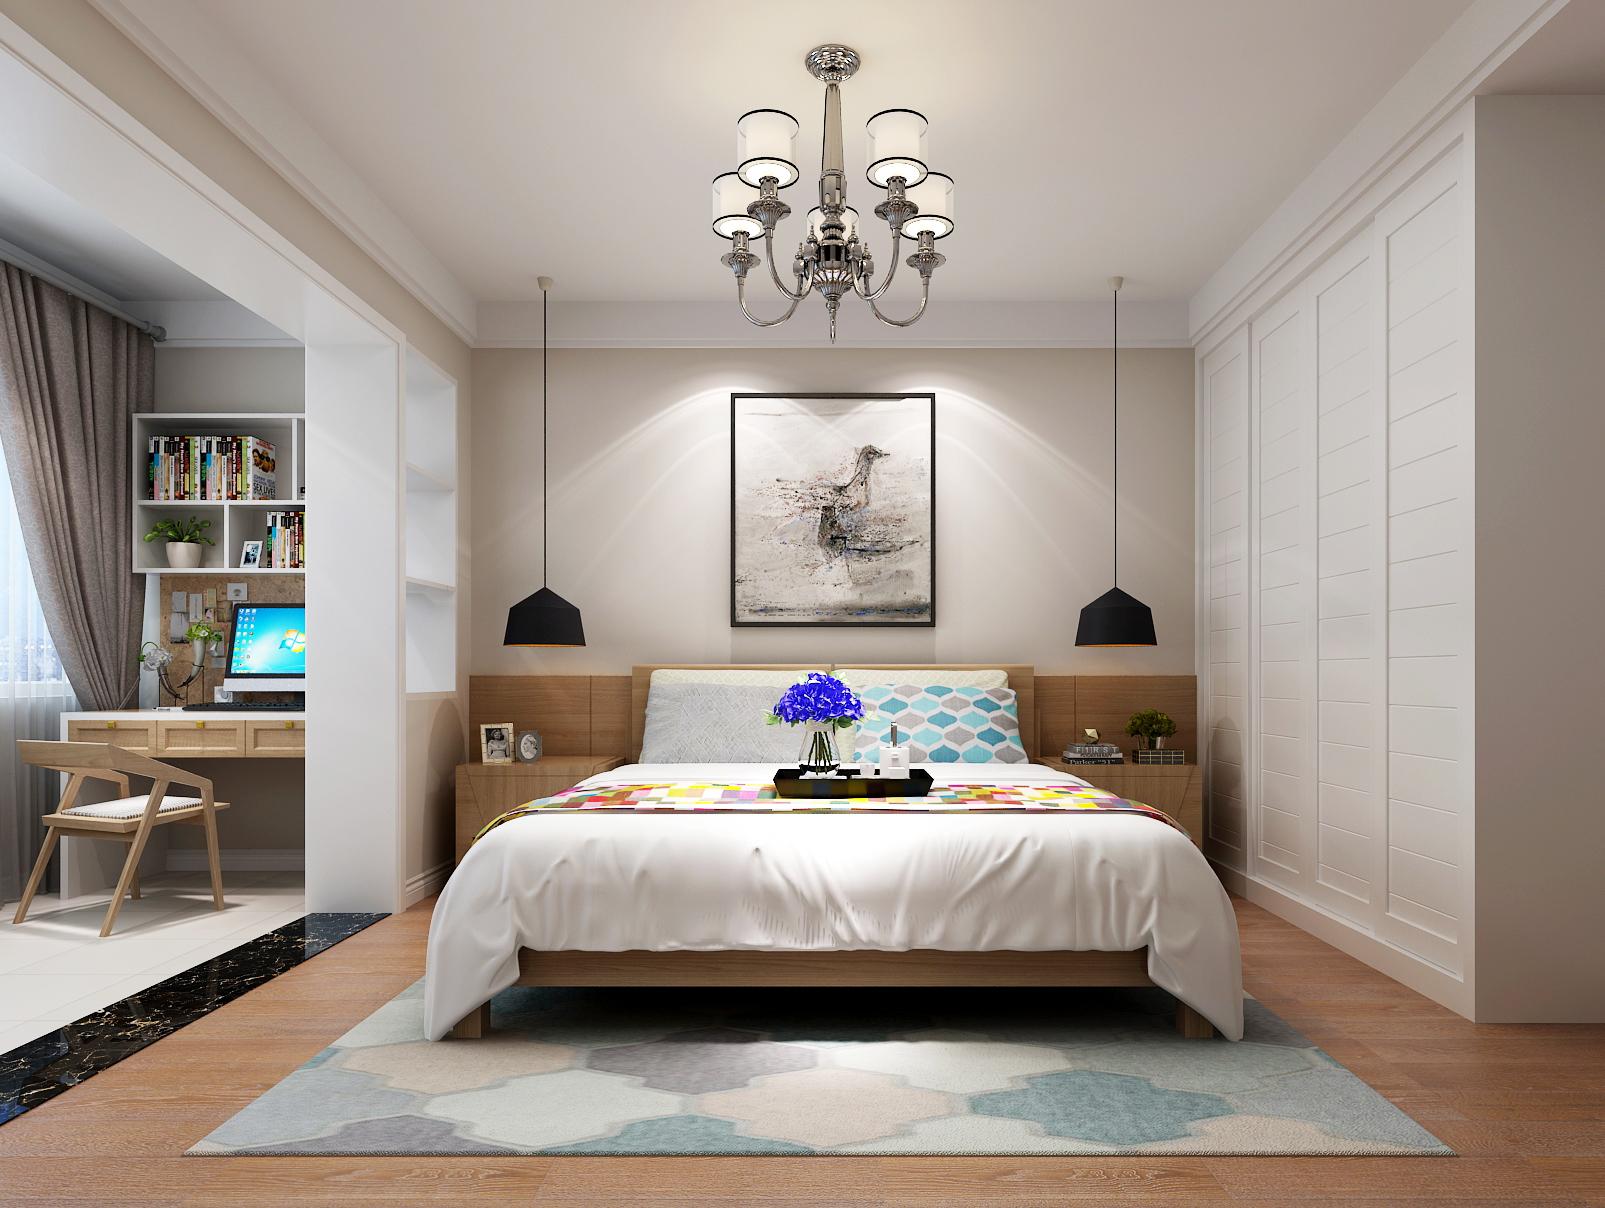 三居 北欧 生活家家居 拎包装 卧室图片来自青岛生活家家居科技有限公司在浮山花园-杨霞的分享